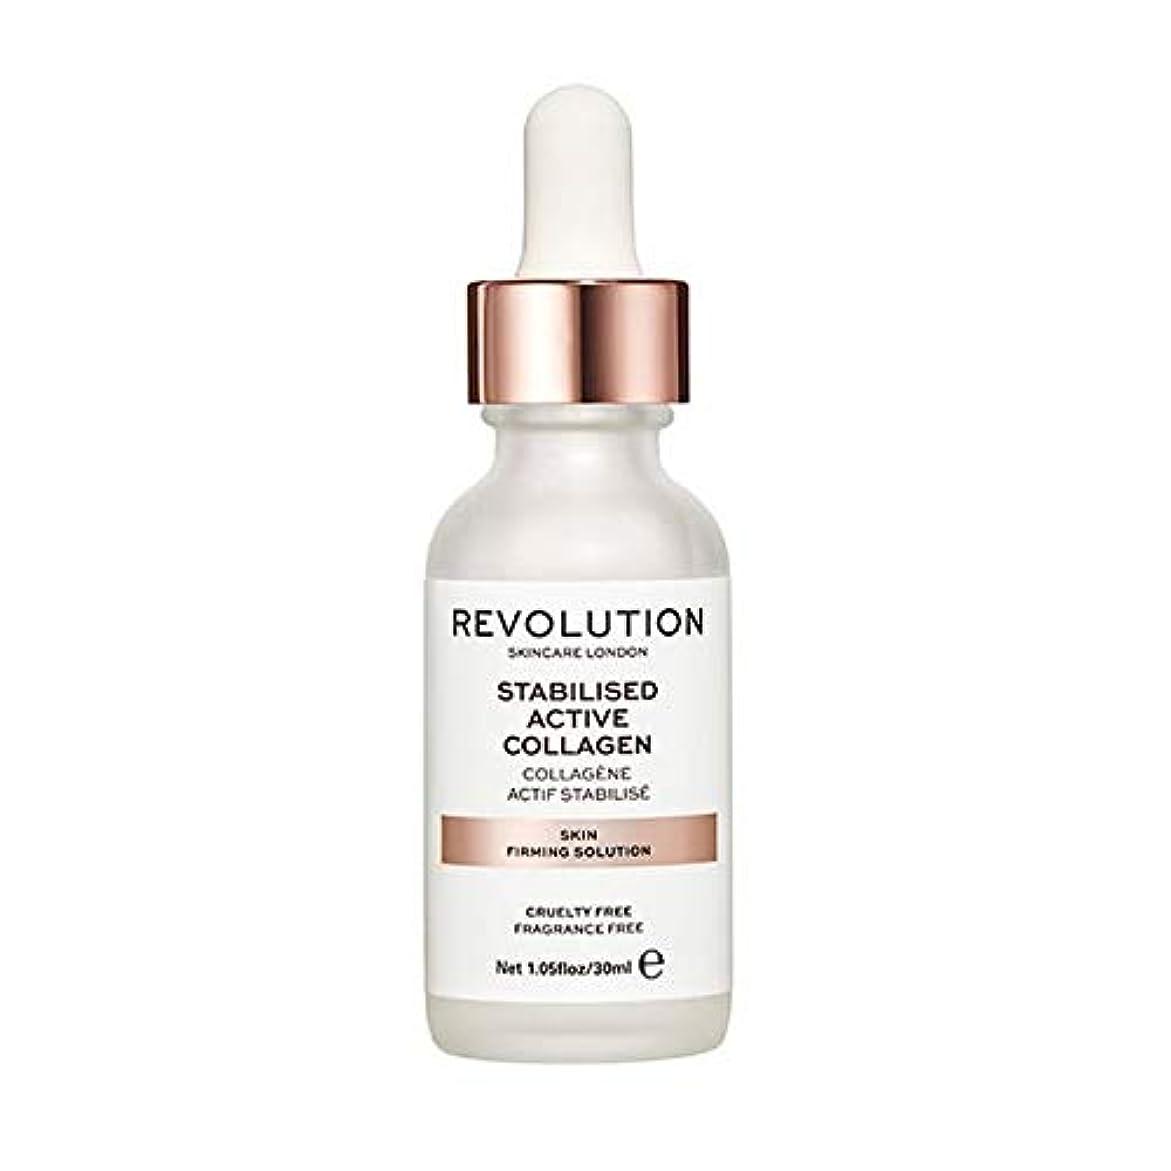 義務づける静かに腐敗した[Revolution ] 革命スキンケア肌の引き締めソリューション - Revolution Skincare Skin Firming Solution [並行輸入品]